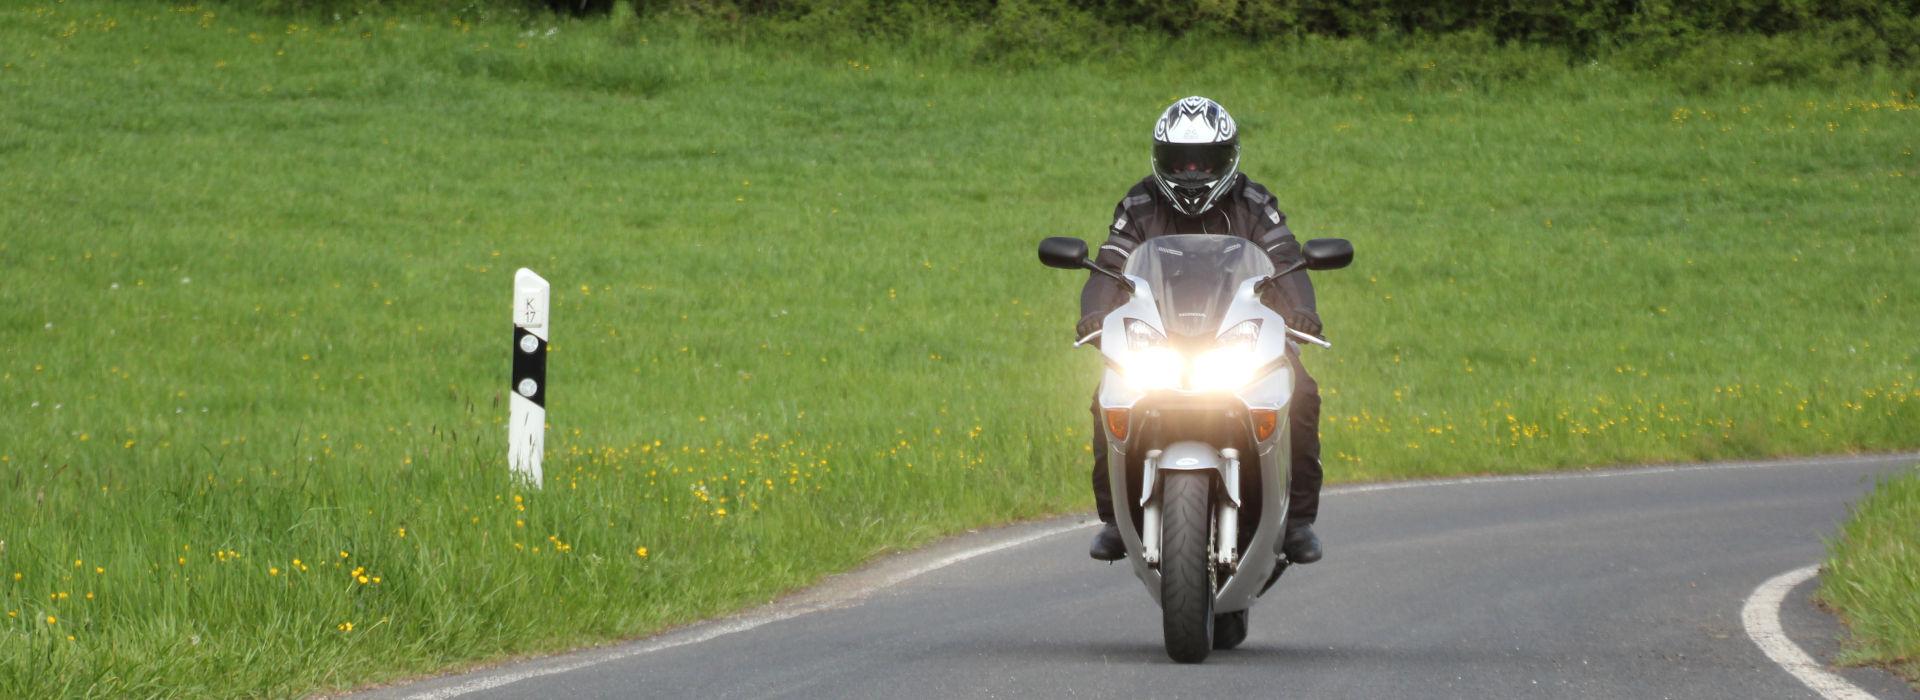 Motorrijschool Motorrijbewijspoint Sint Michiels Gestel motorrijlessen